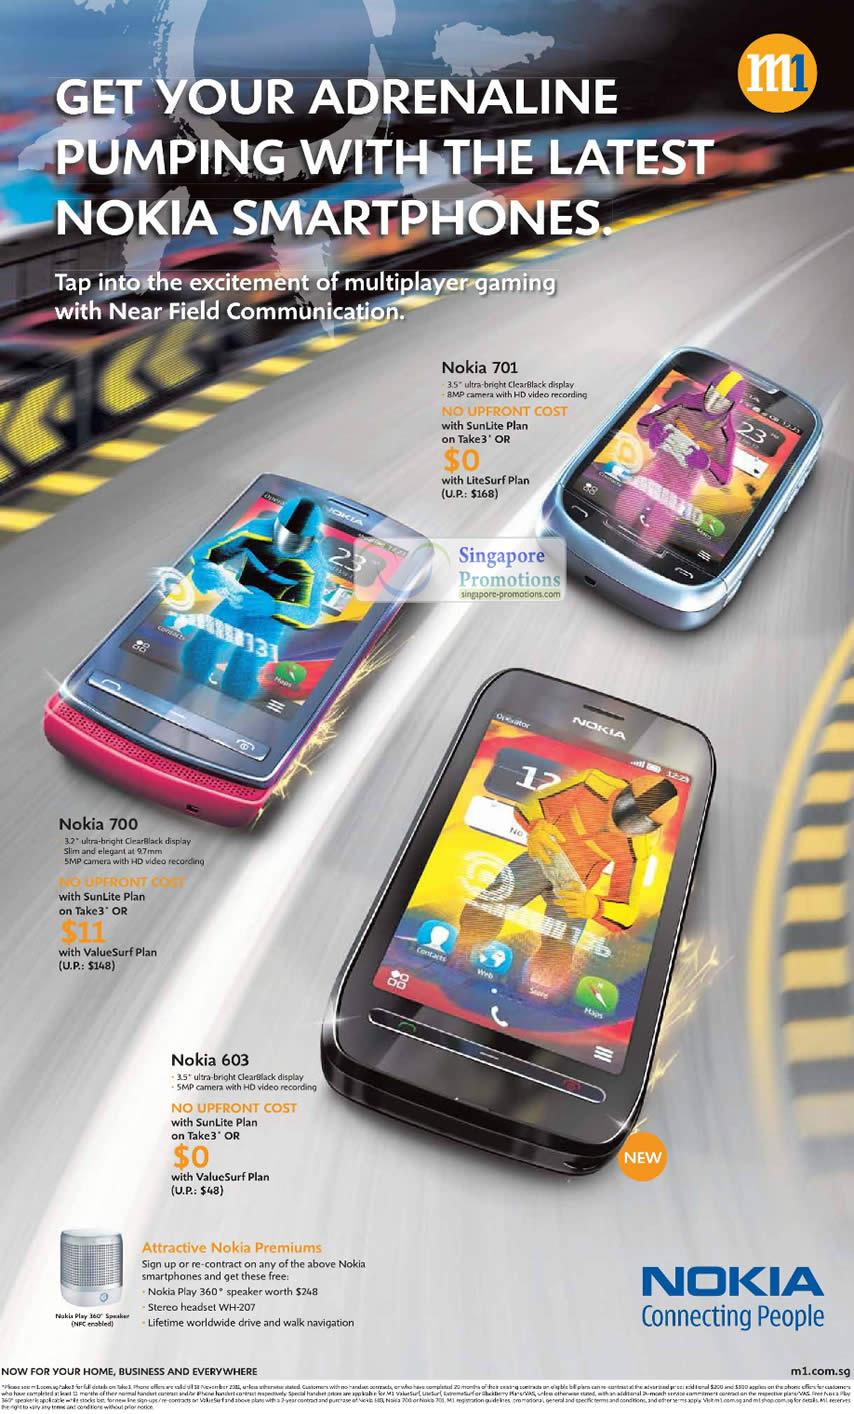 Nokia 701, Nokia 700, Nokia 603